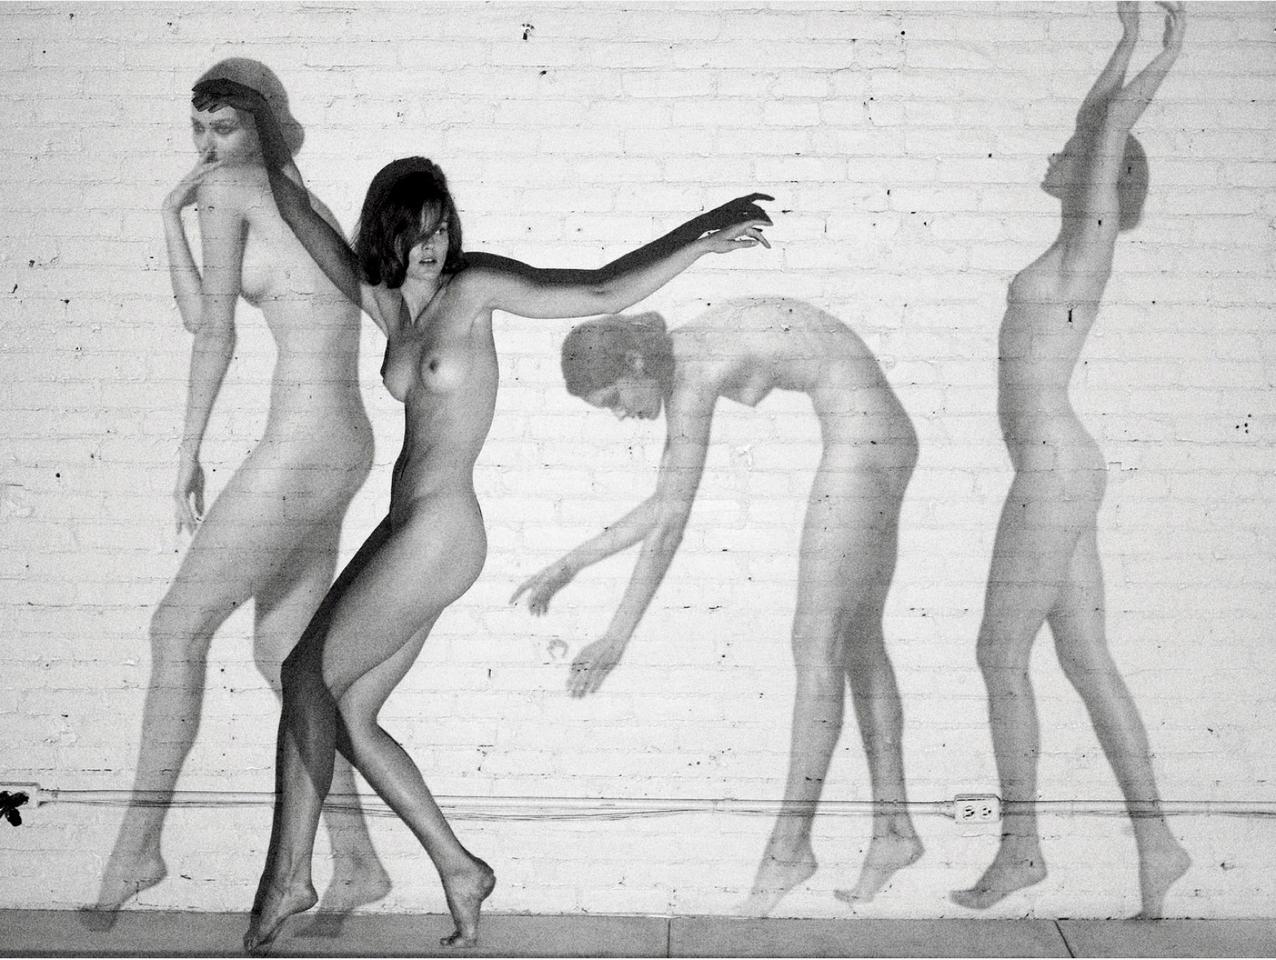 Польская модель Моника Ягачак в чёрно-белом арт-хаусе (16 фото)